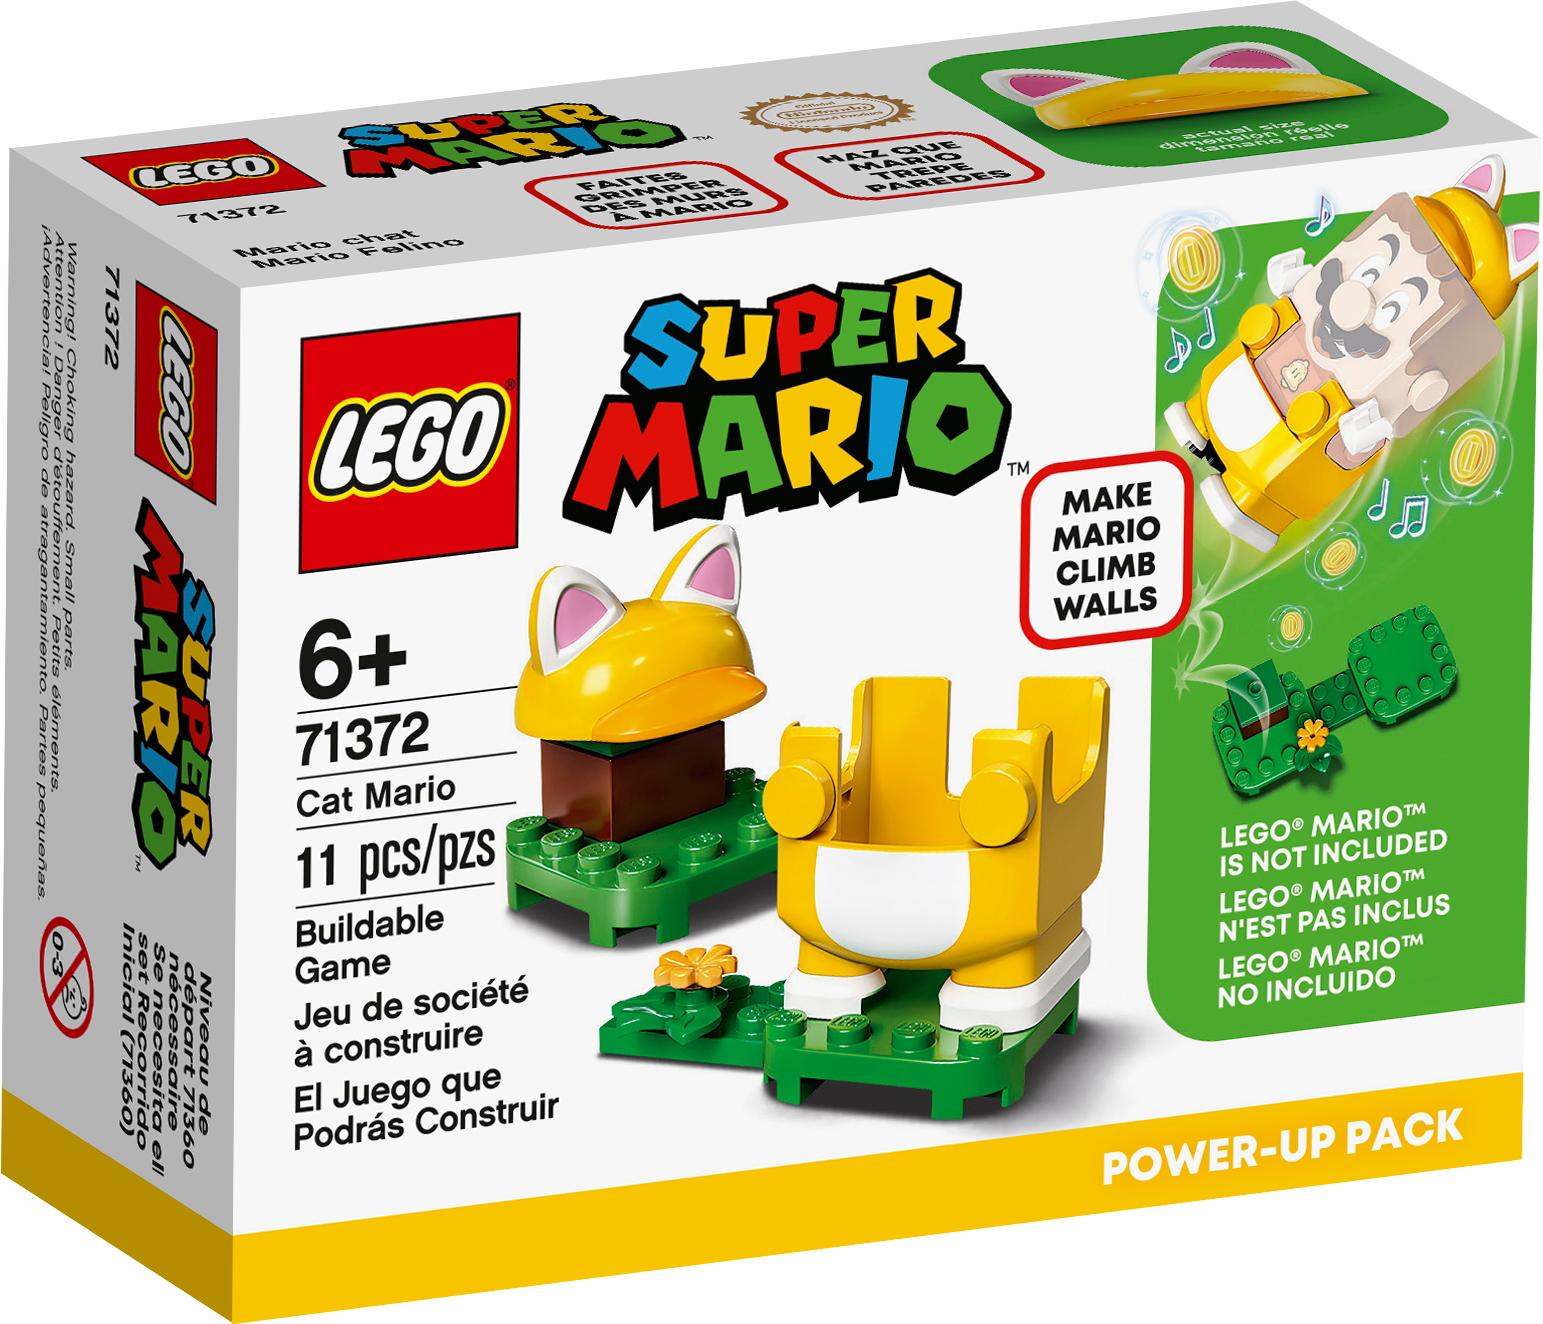 Lego Super Mario - Cat Mario Power-Up Pack